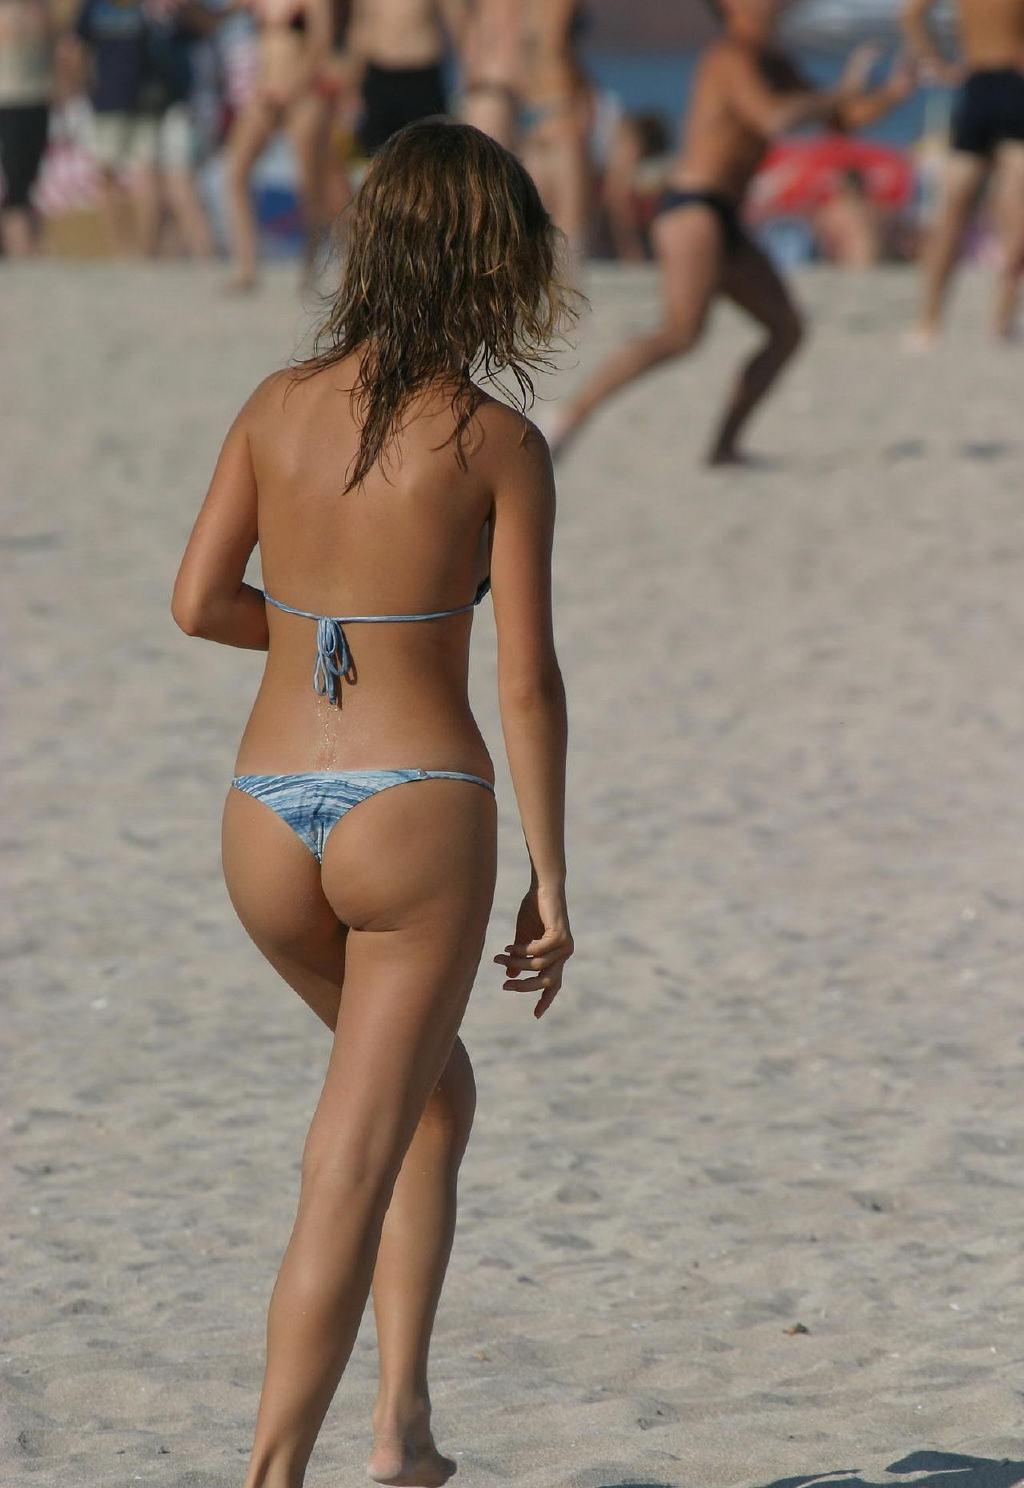 【水着エロ画像】際どすぎてビーチで勃つ恐れアリwTバックもあったりする素人ギャル達のビキニ尻www 03